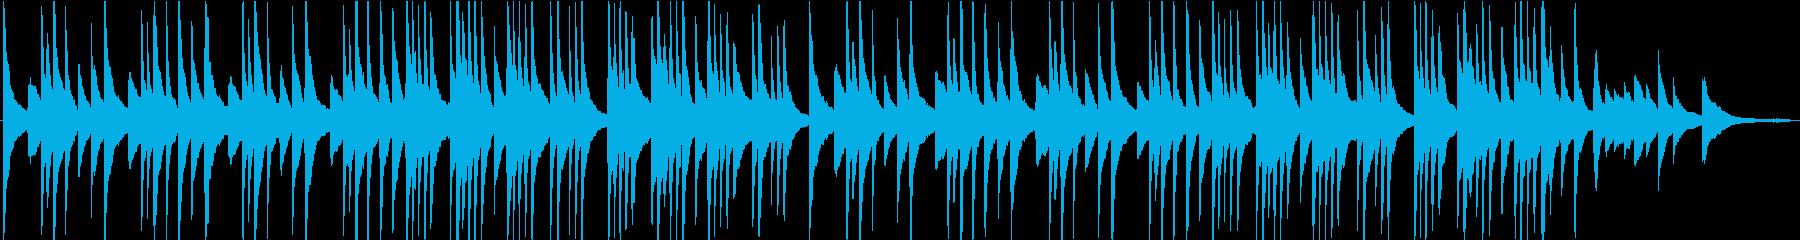 教会のような厳かな雰囲気のピアノBGMの再生済みの波形